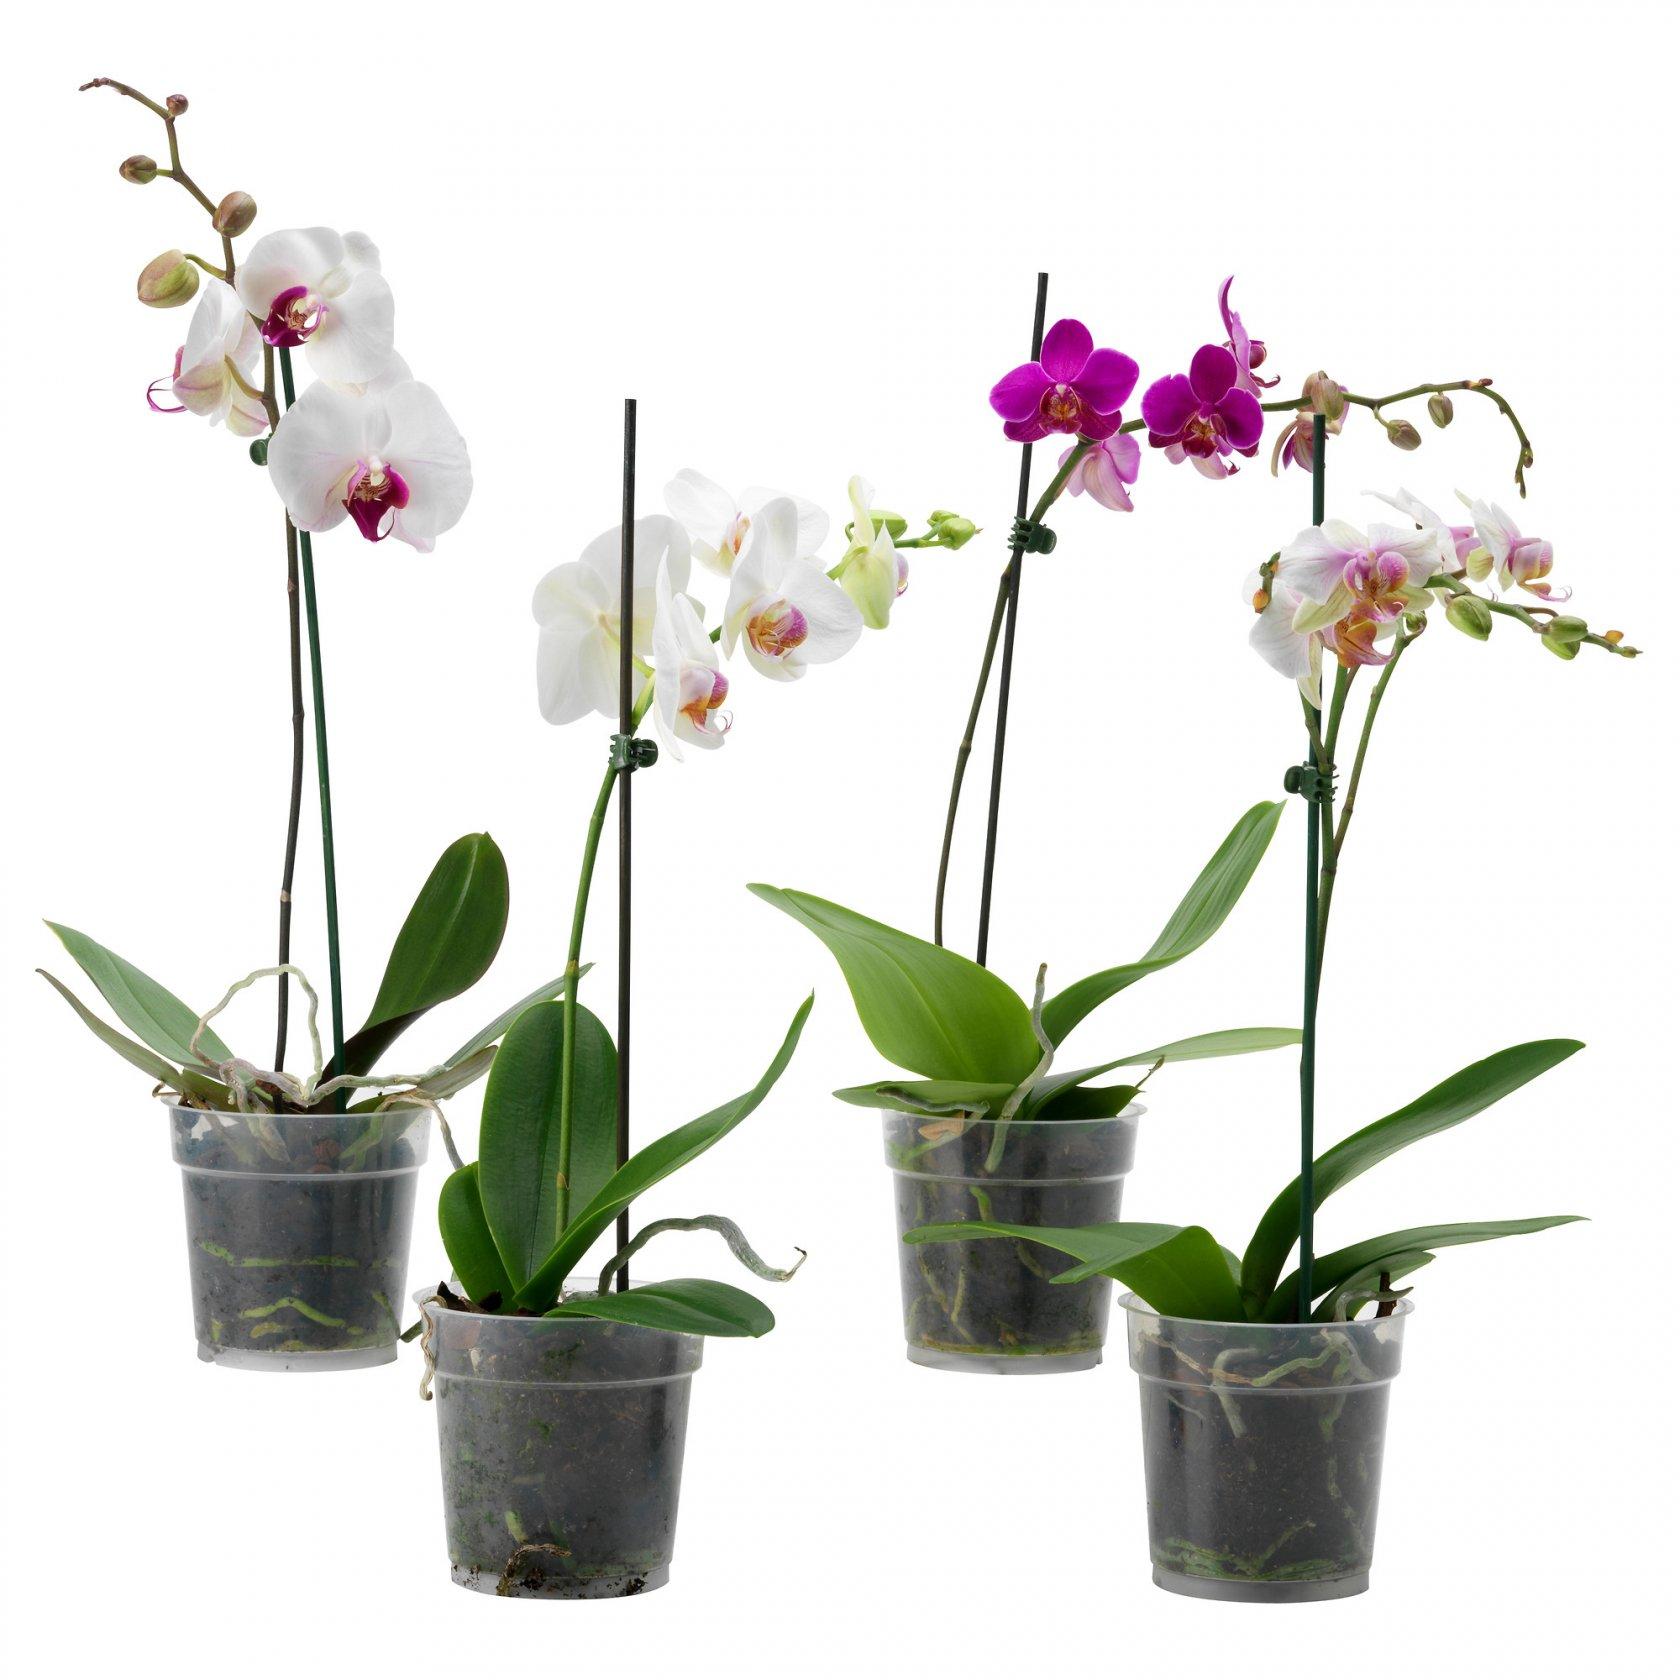 Фотоурок по пересадке орхидей Клуб любителей орхидей 63